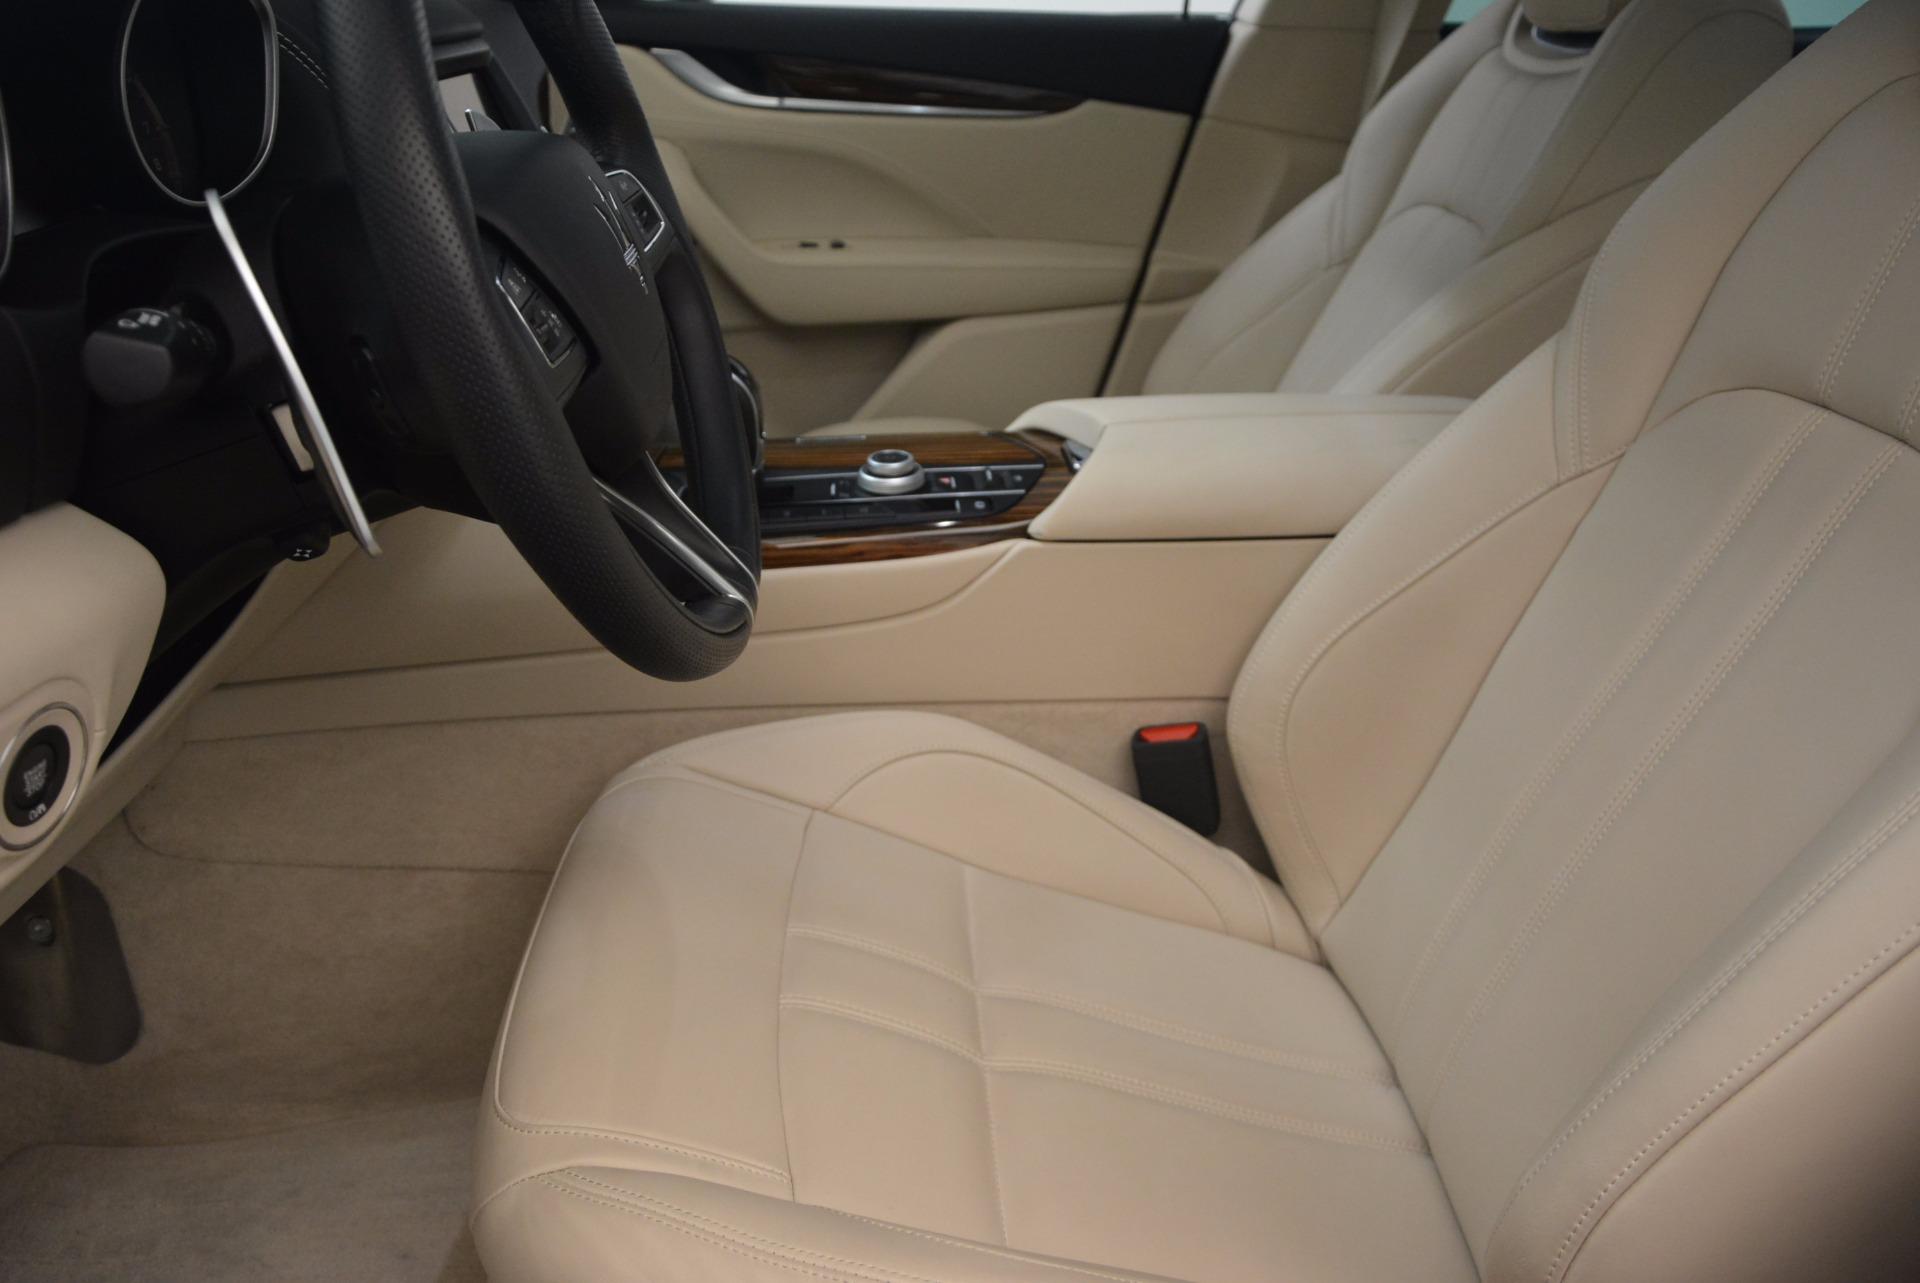 Used 2017 Maserati Levante S For Sale In Greenwich, CT 1463_p14